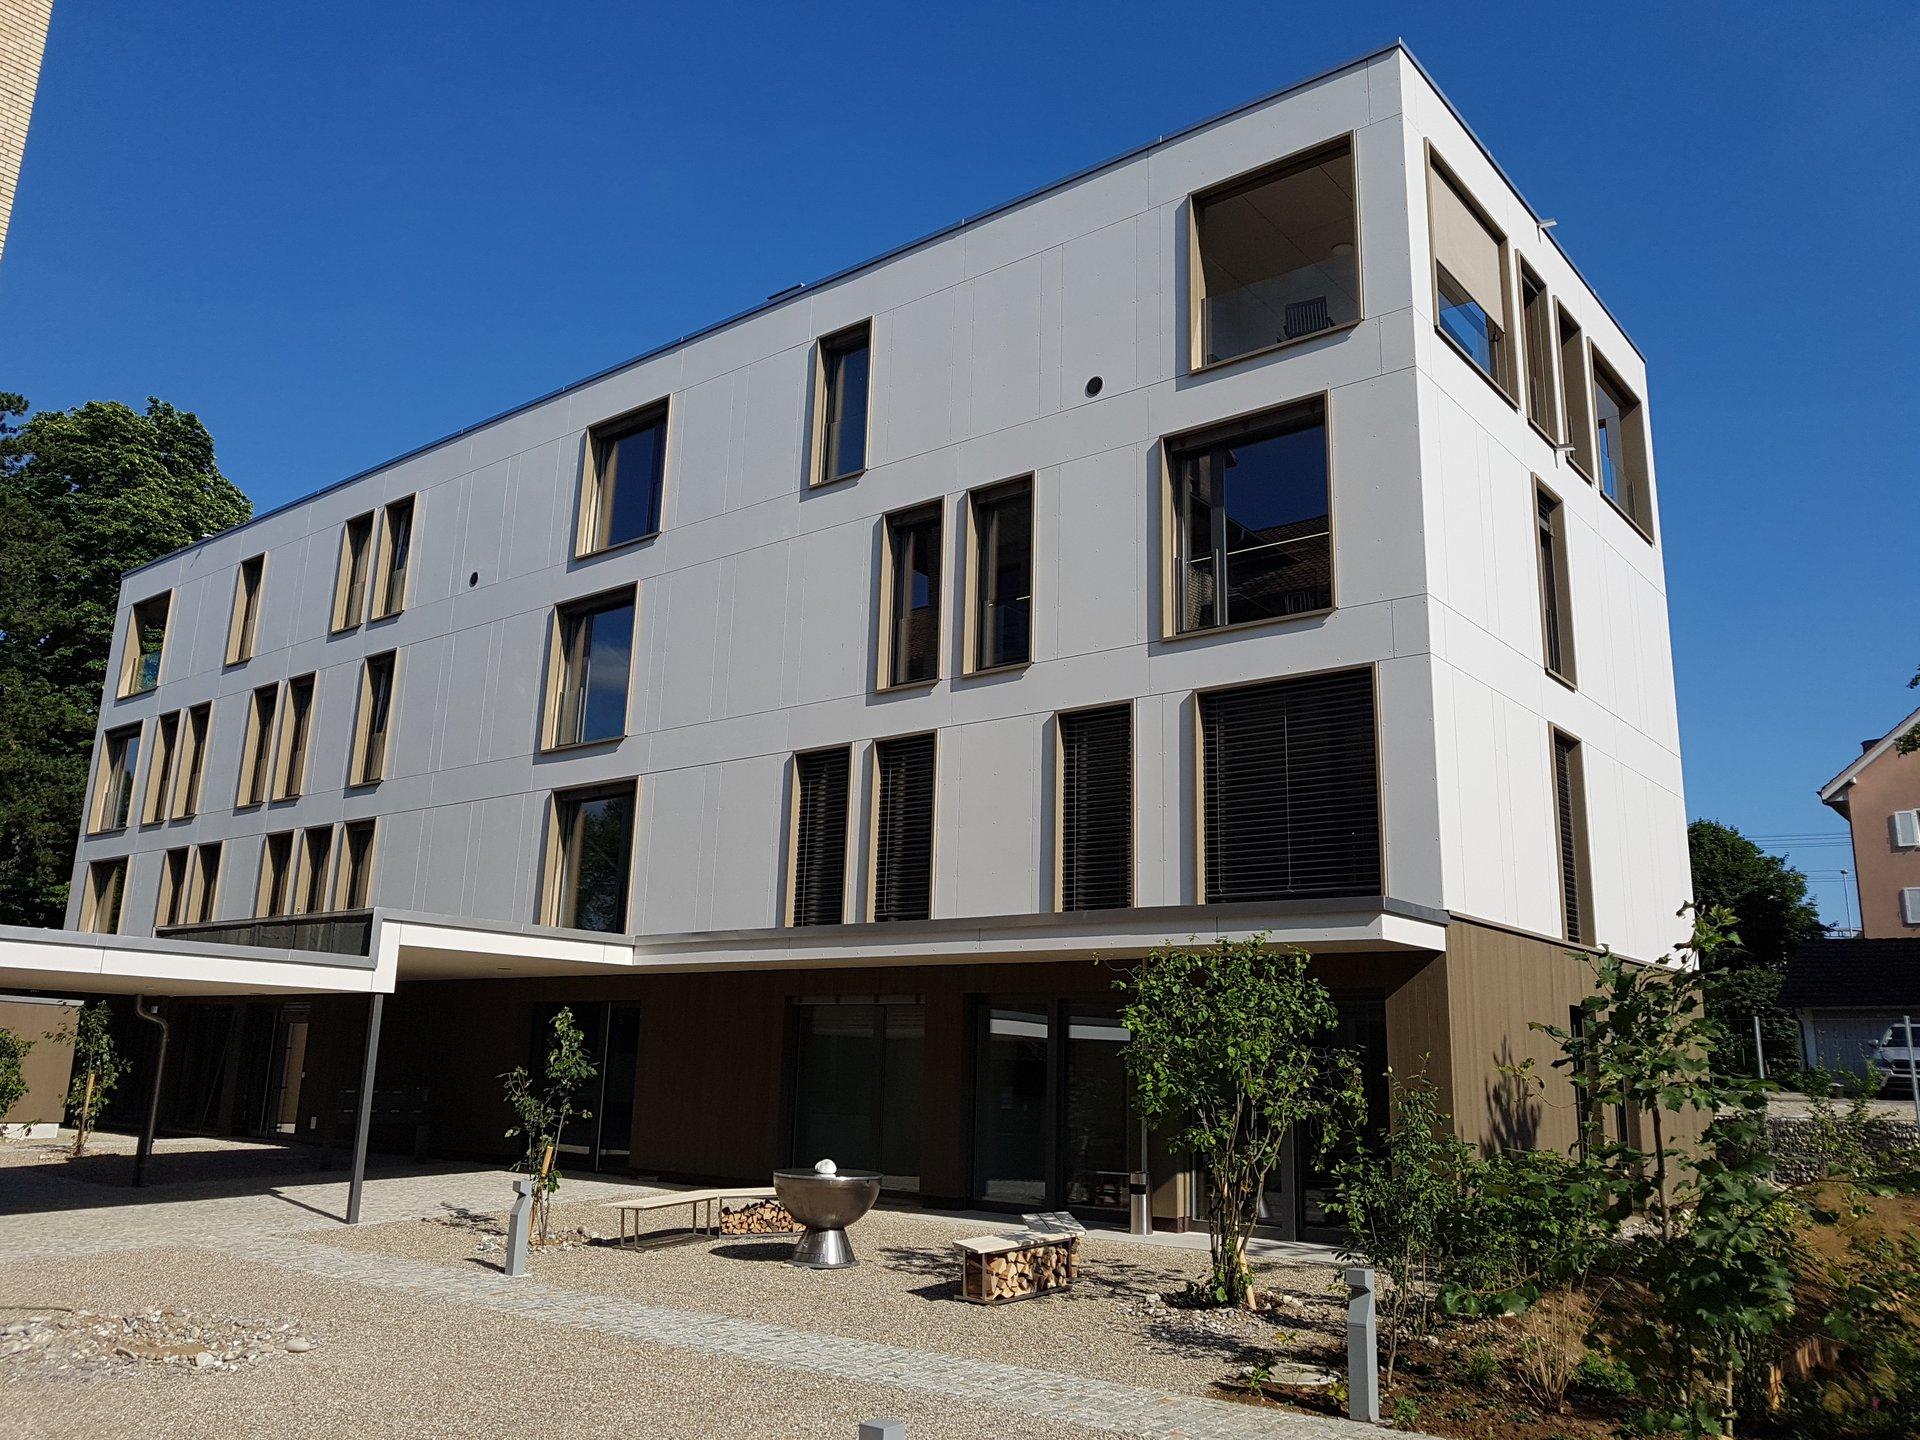 Aussenansicht des Wohn- und Geschäftshauses in Rheinfelden